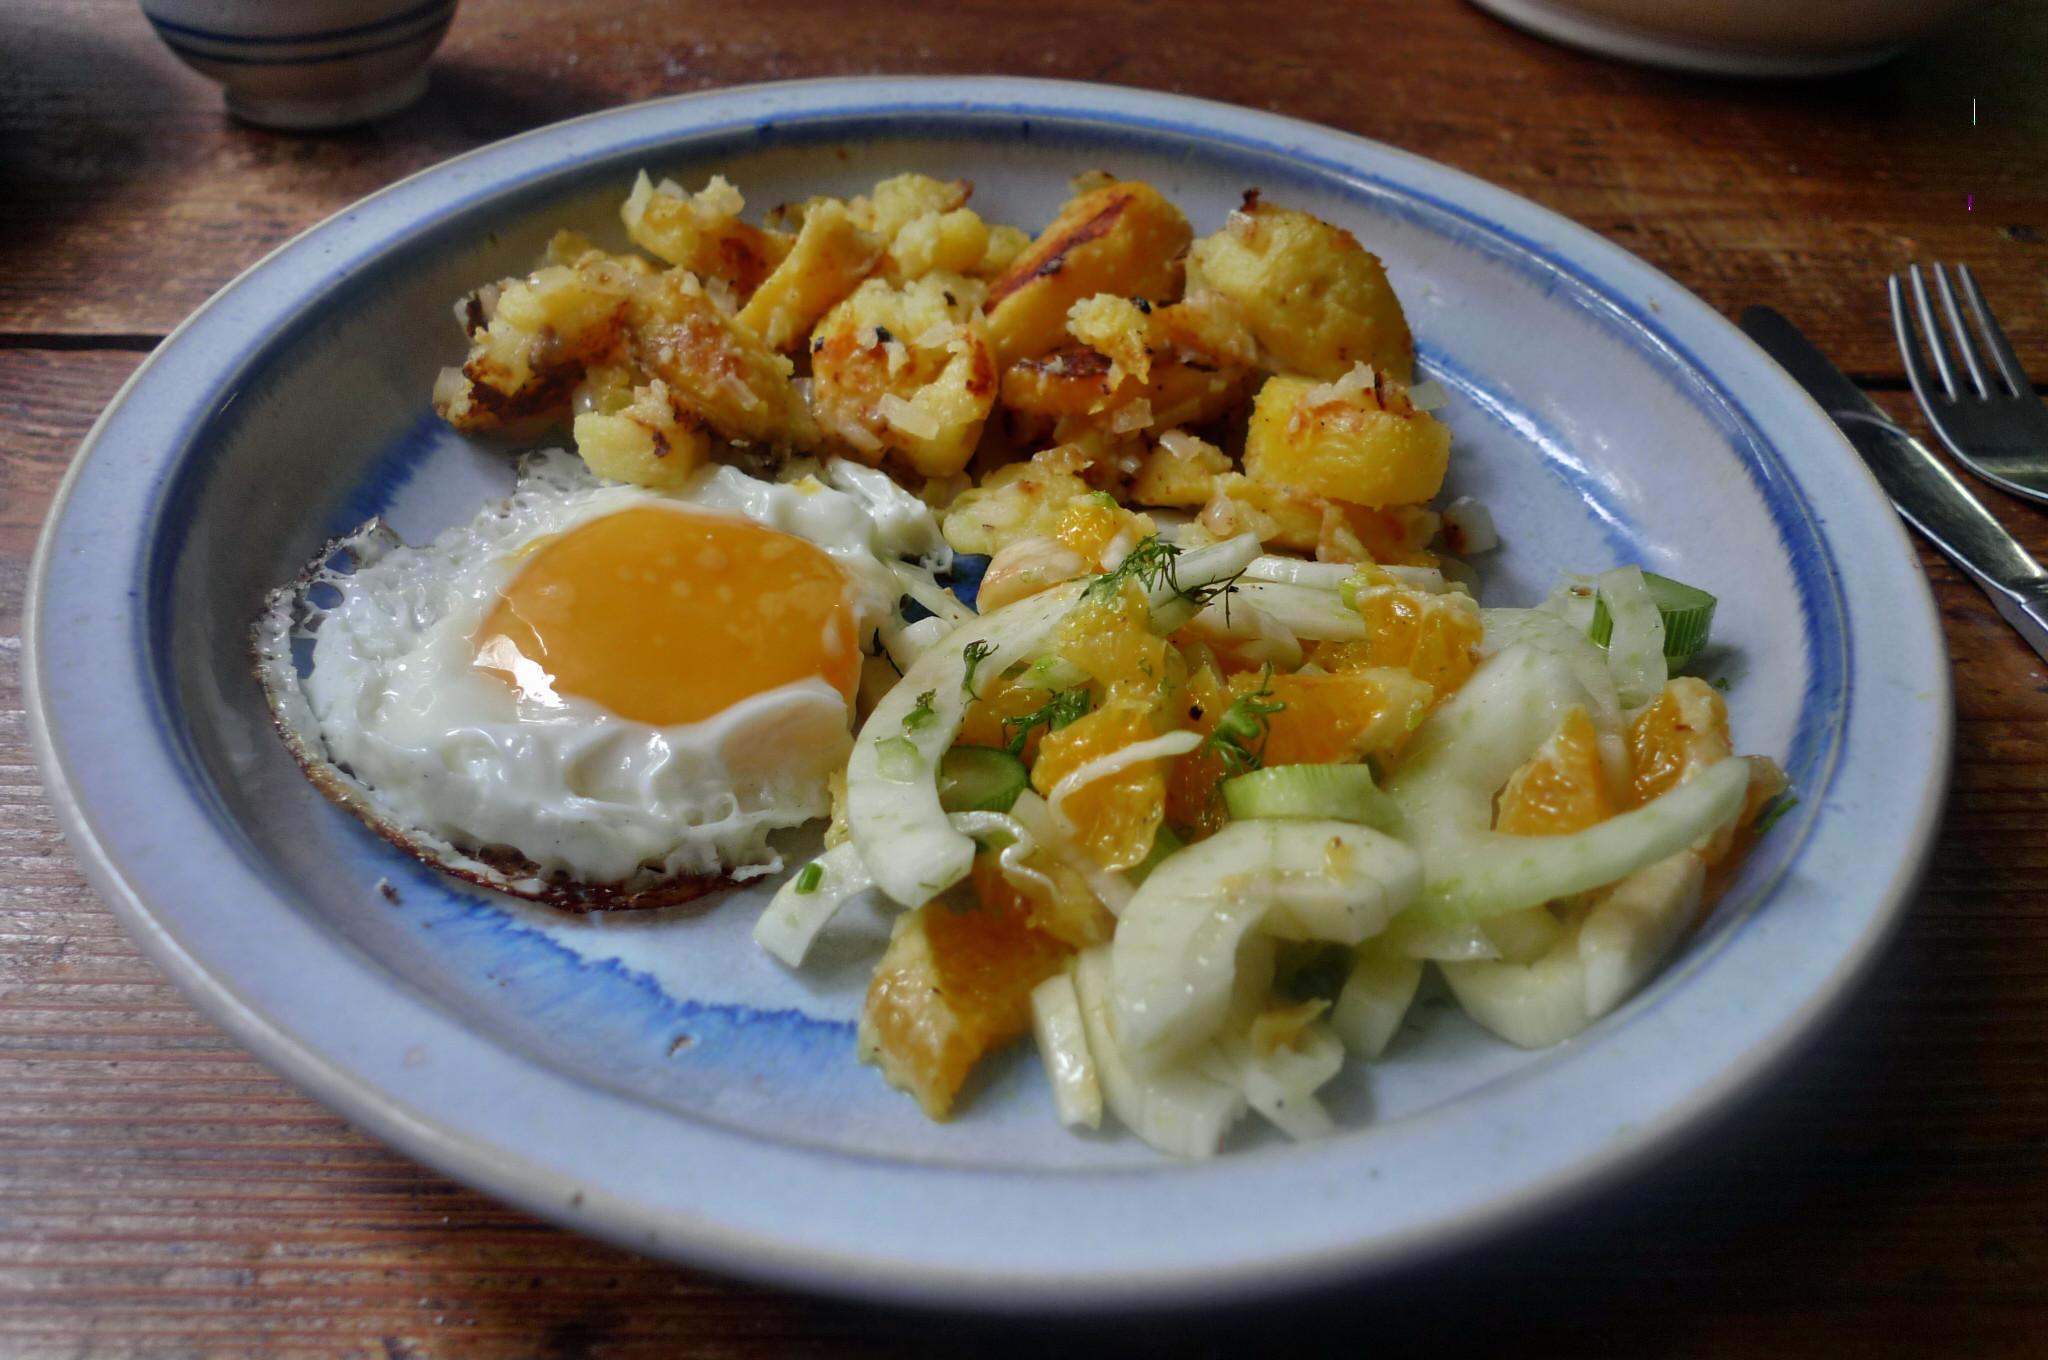 Bratkartoffel,Spiegelei,Fenchelsalat - 24.2.15   (9)